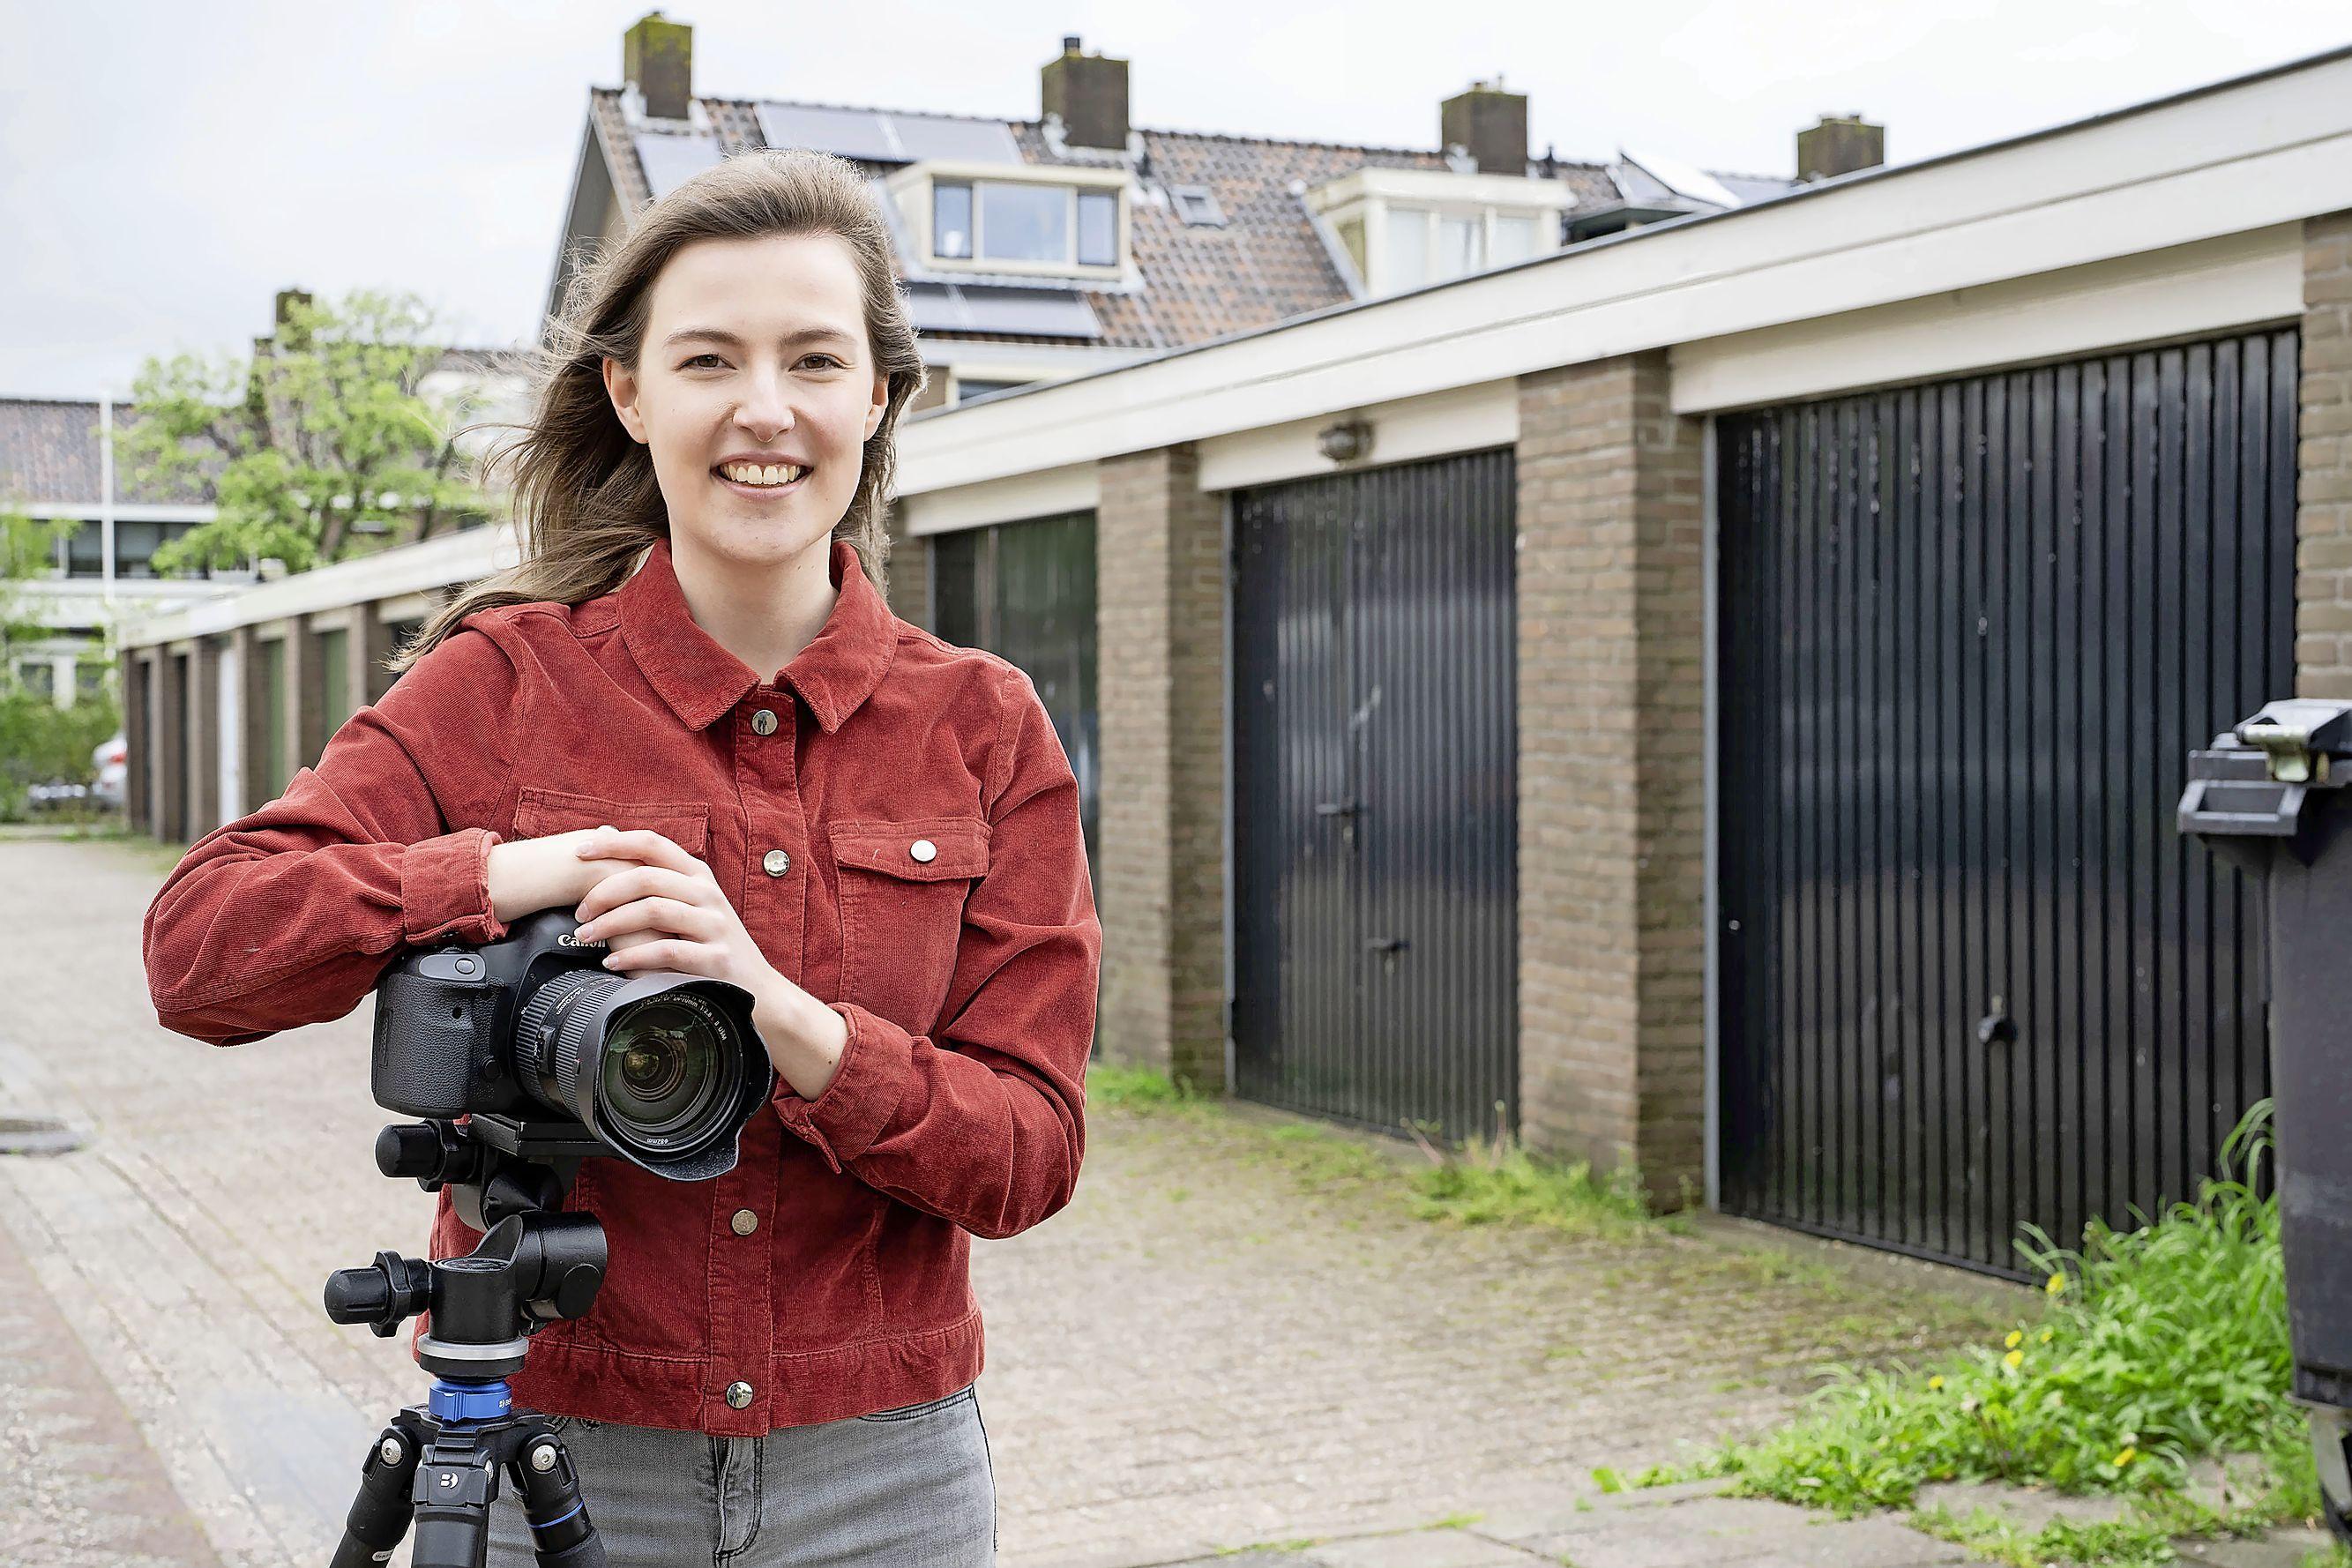 Fotografe Rosalie van der Does maakt serie Opslag Verliefd over de Nederlandse garagebox: 'Ik ben eigenlijk, net zoals veel garage-eigenaren, een beetje een verzamelaar'